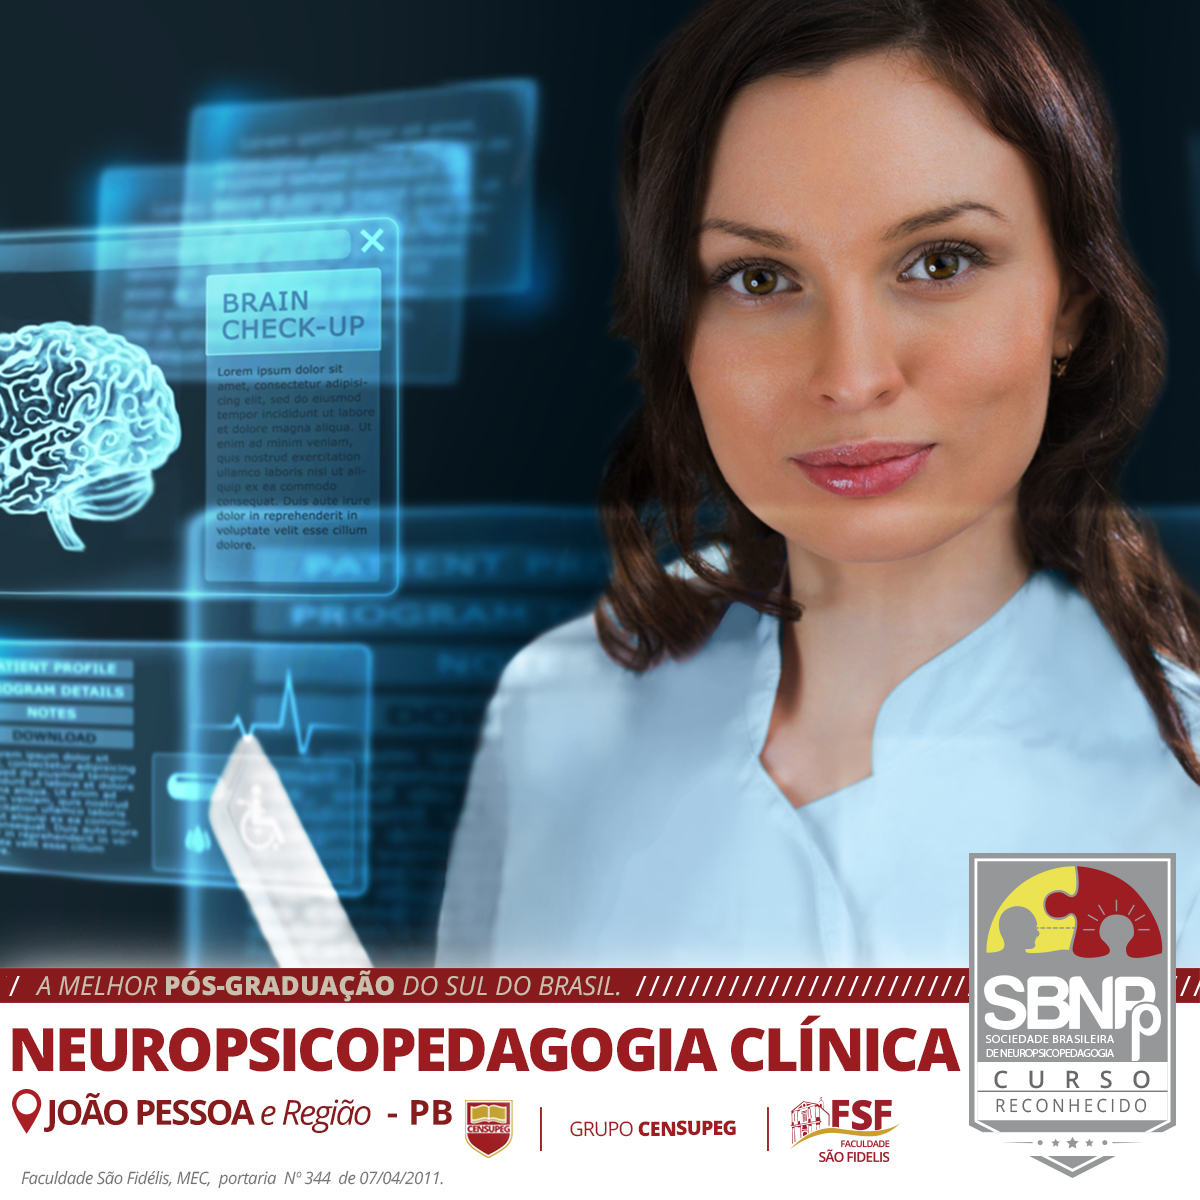 Pós-graduação em Neuropsicopedagogia Clínica